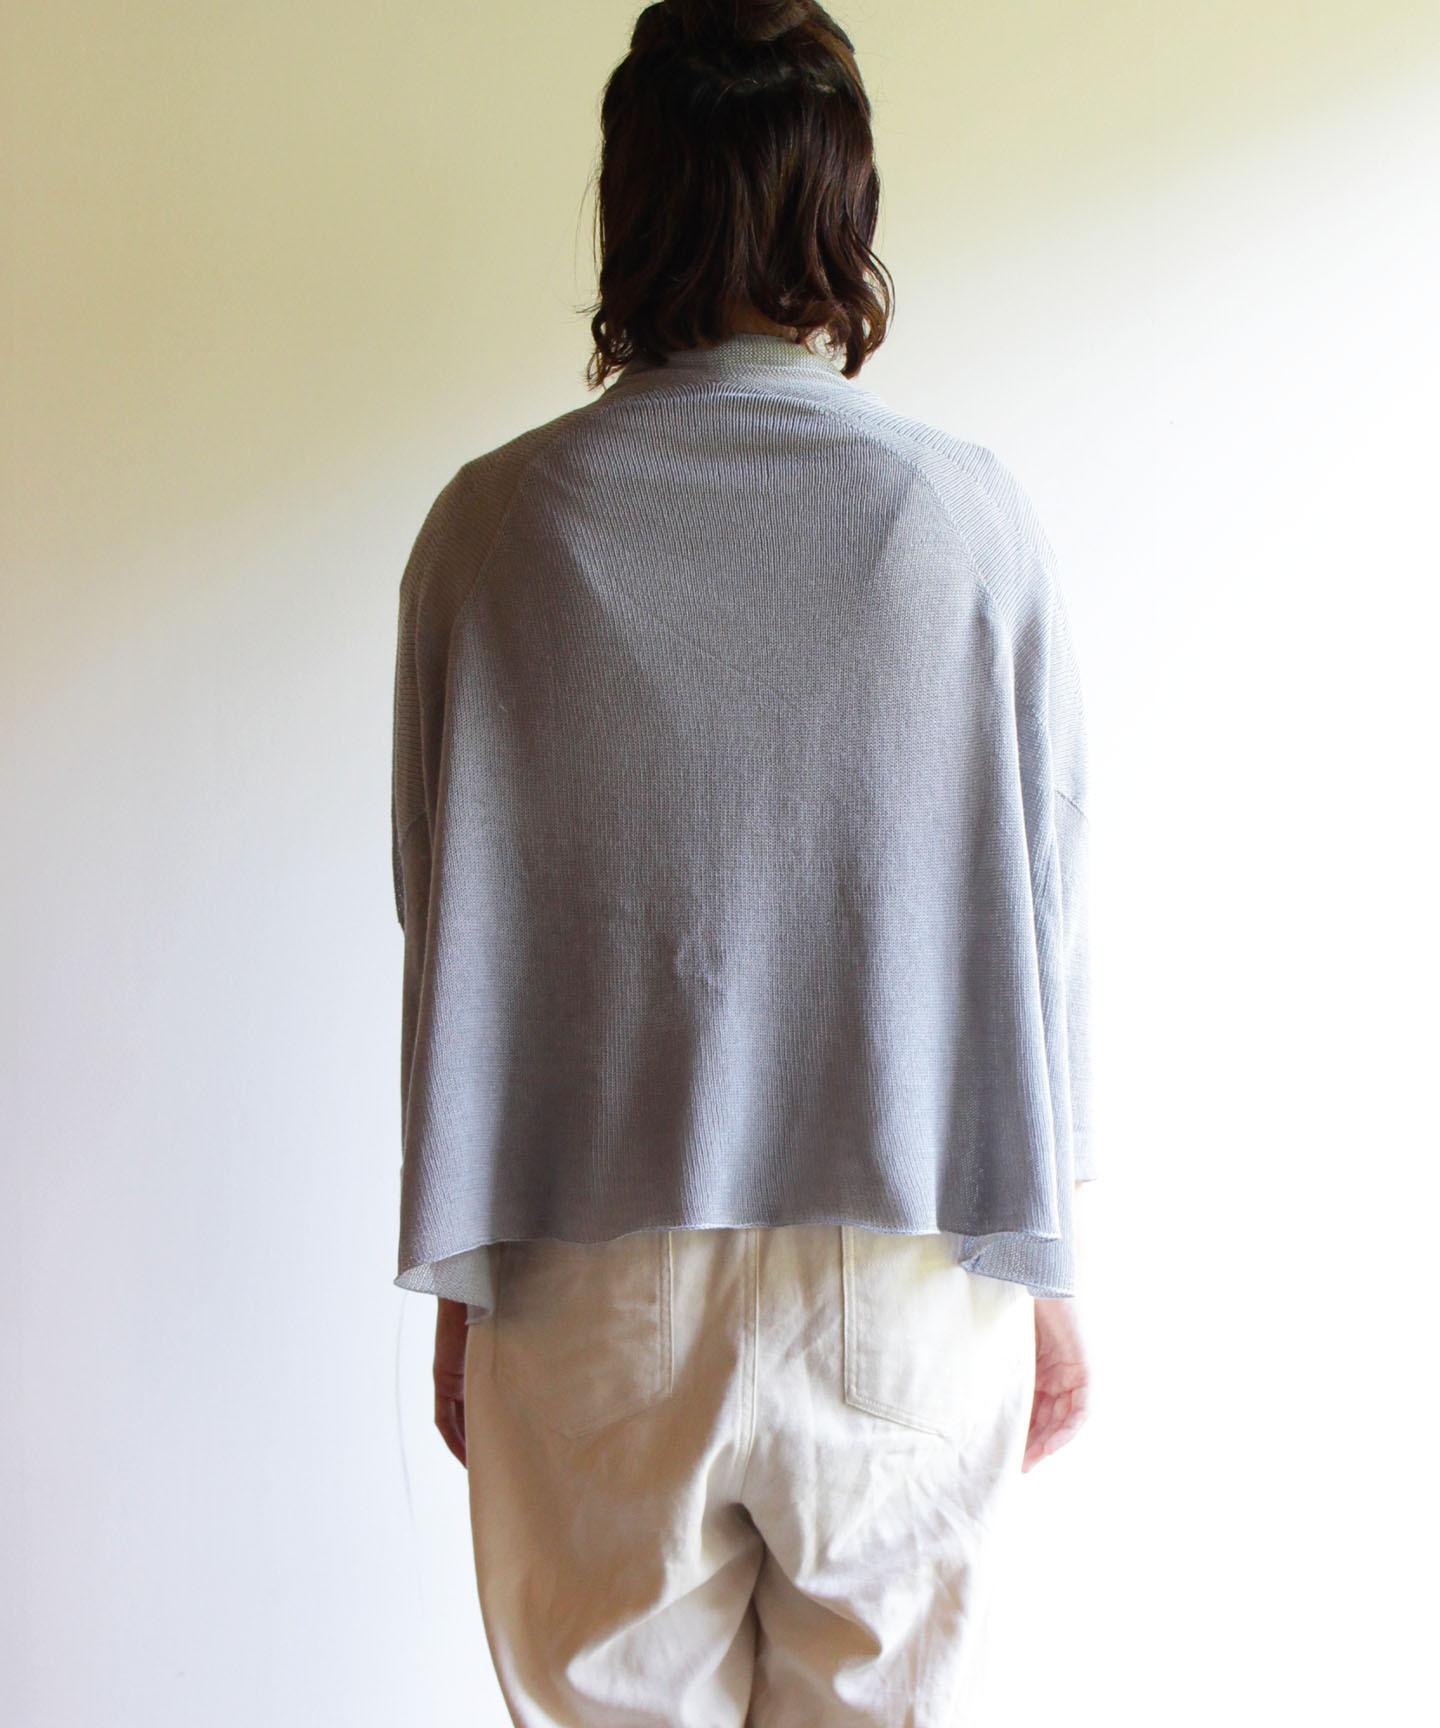 【予約販売】手編み機で編んだコットンシルクカシミヤ糸のカーディガン(CSC-415)